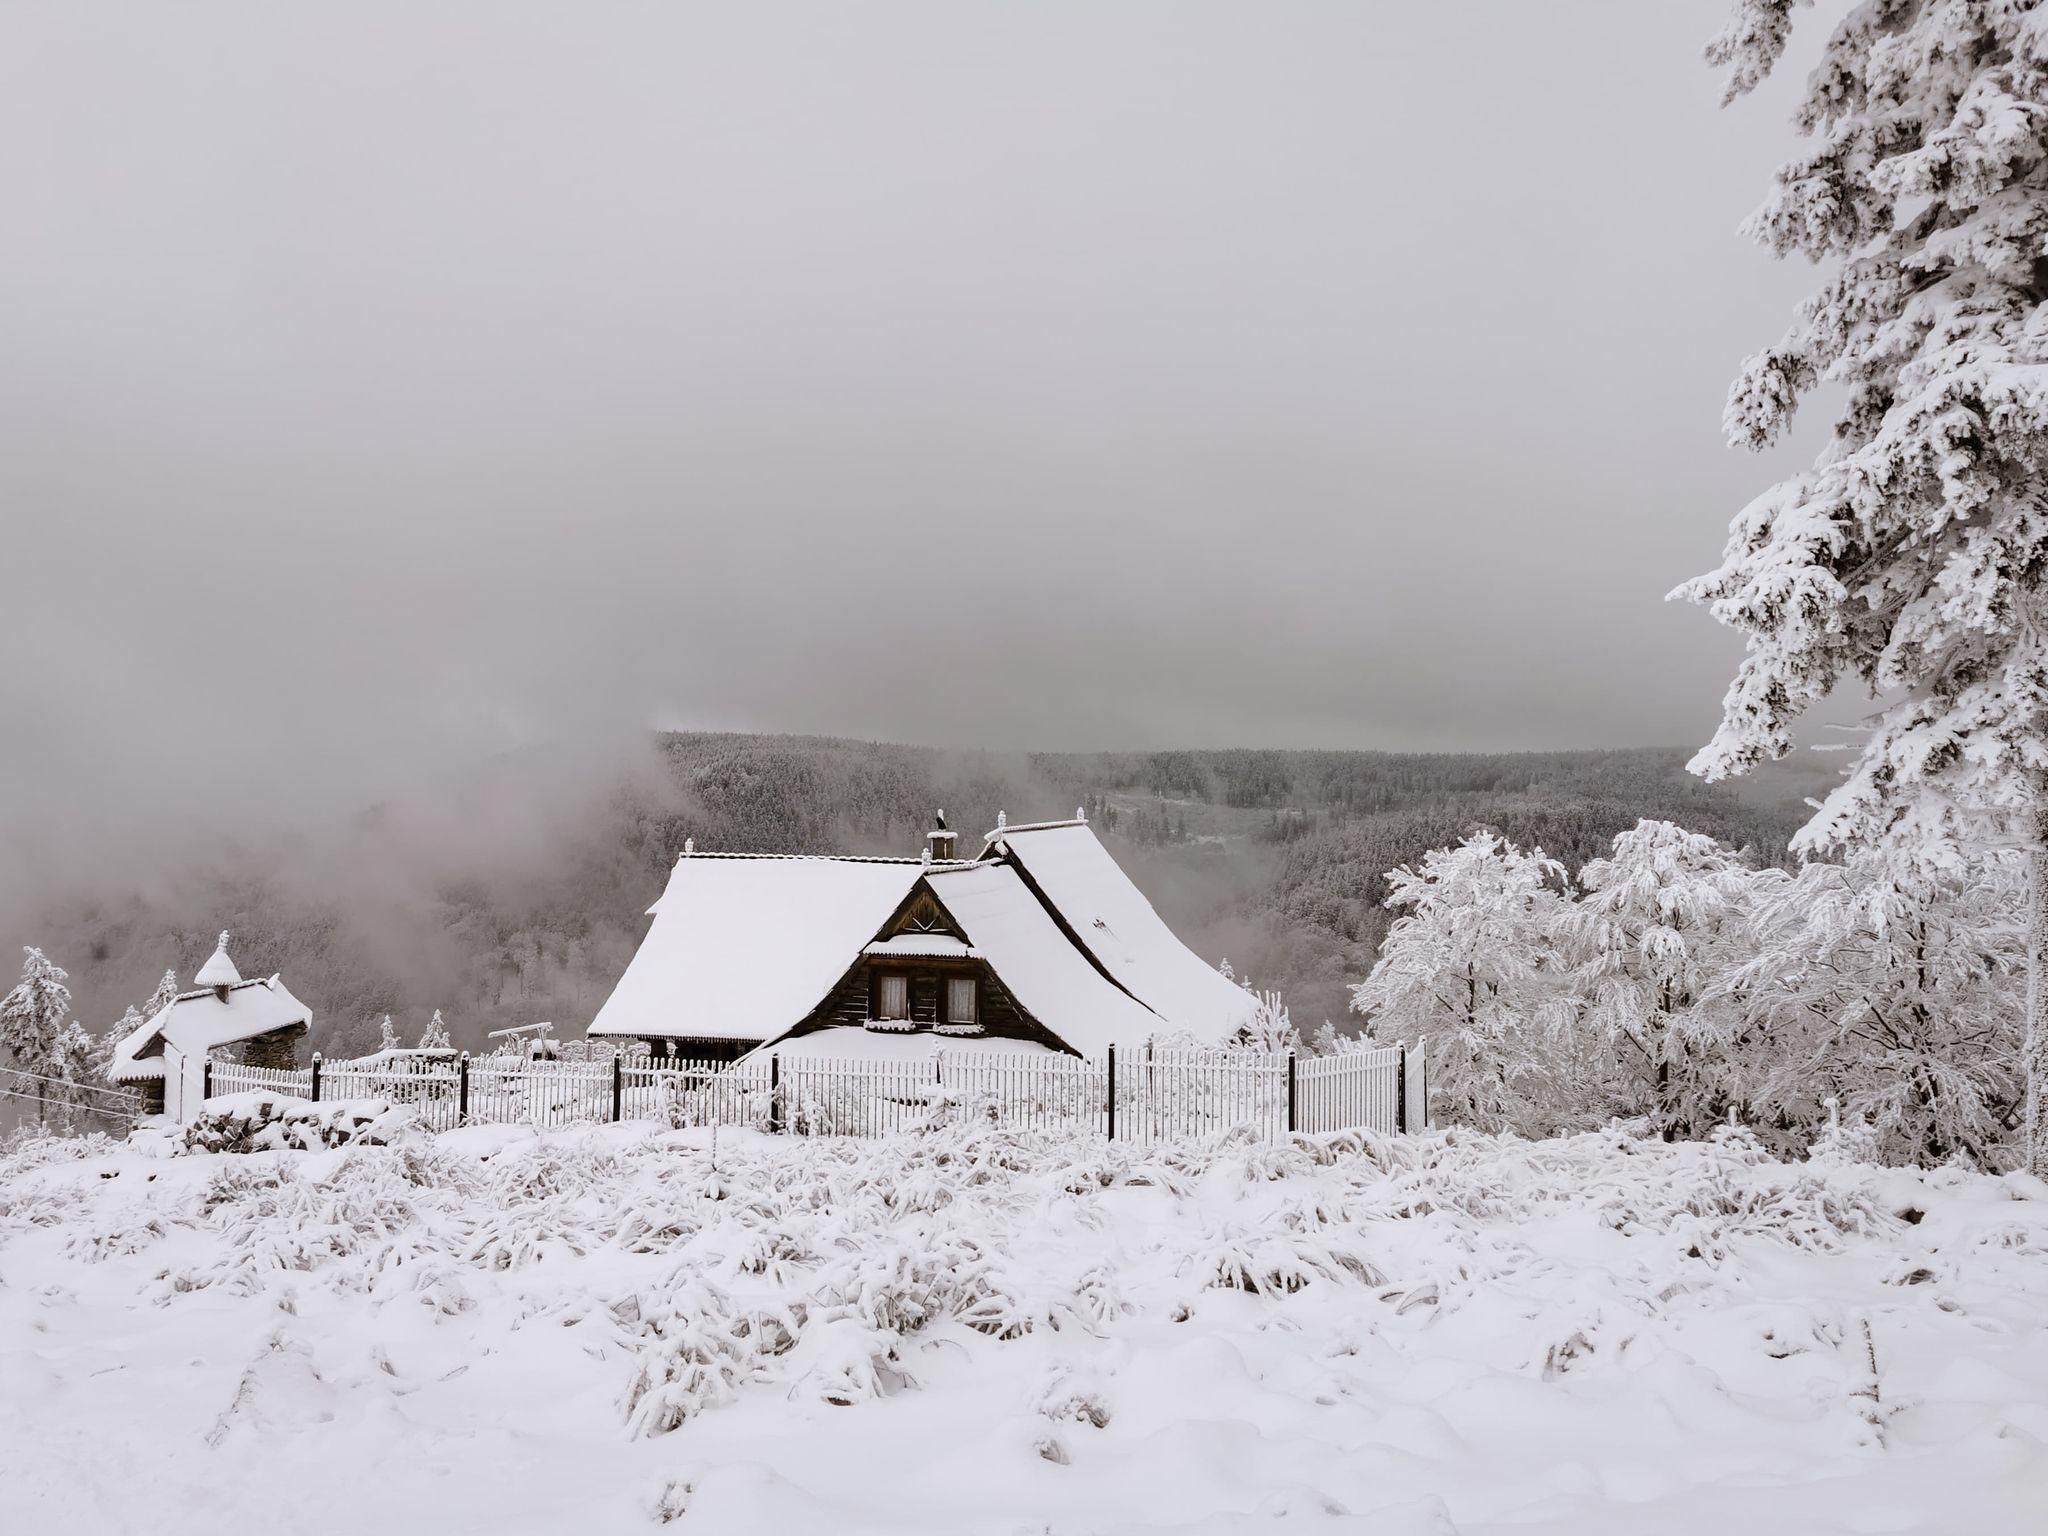 Góry Sowie dolny śląsk